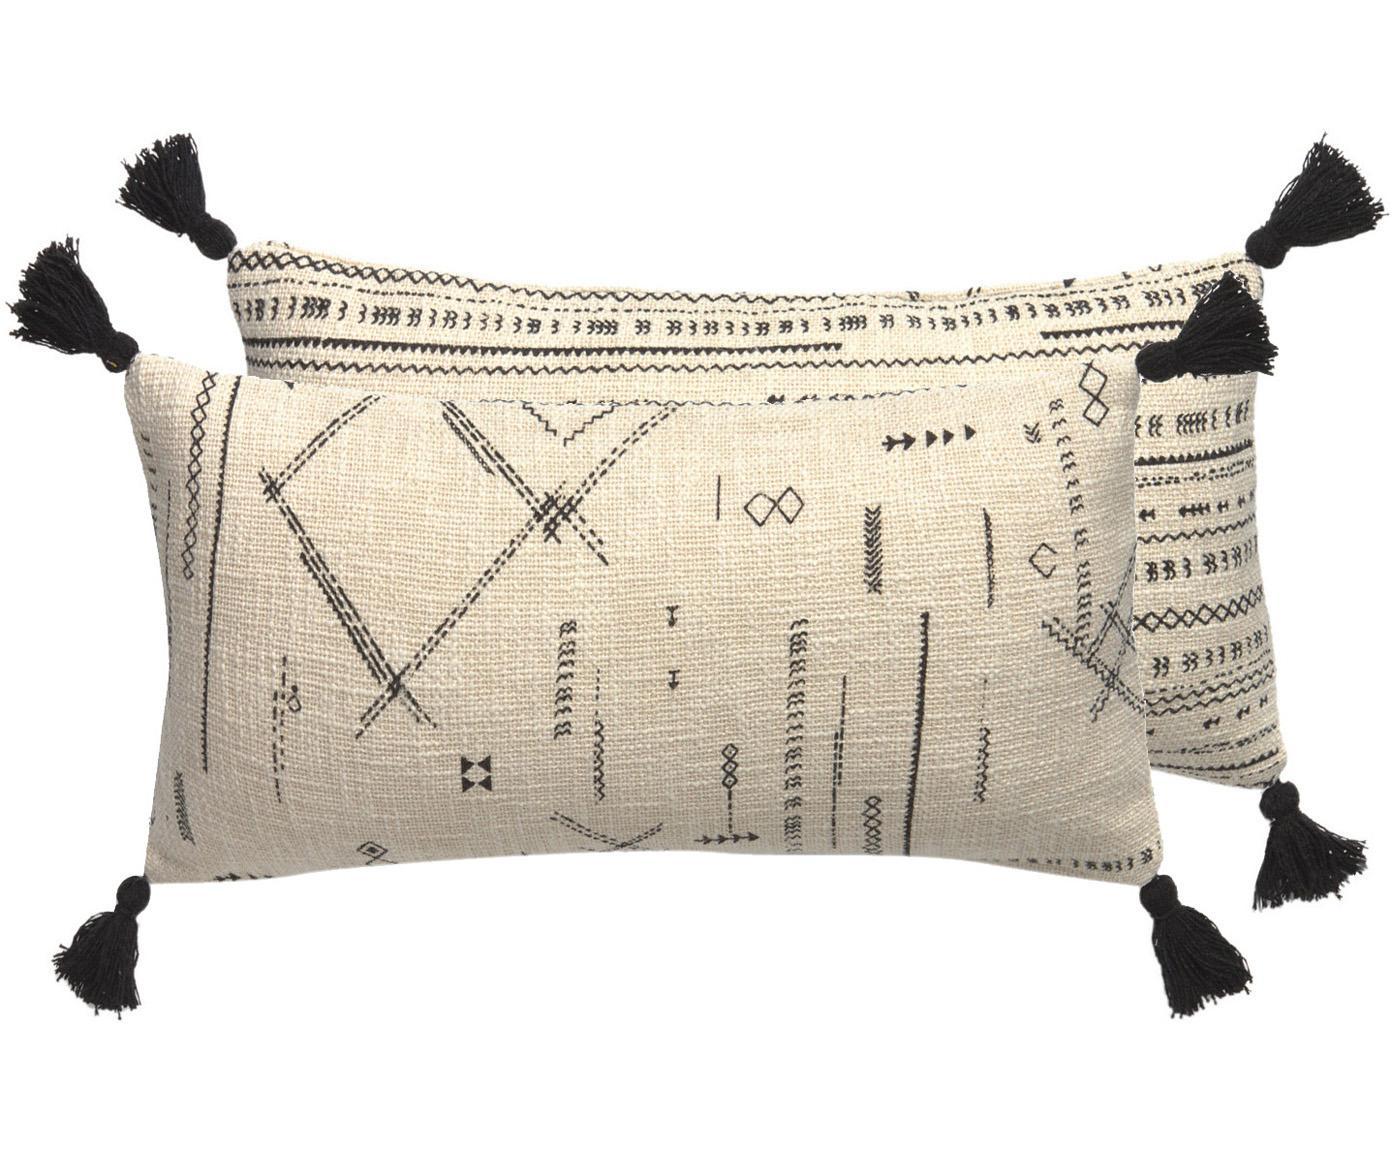 Funda de cojín con borlas Kertes, estilo boho, caras distantas, 100%algodón, Negro, An 30 x L 60 cm